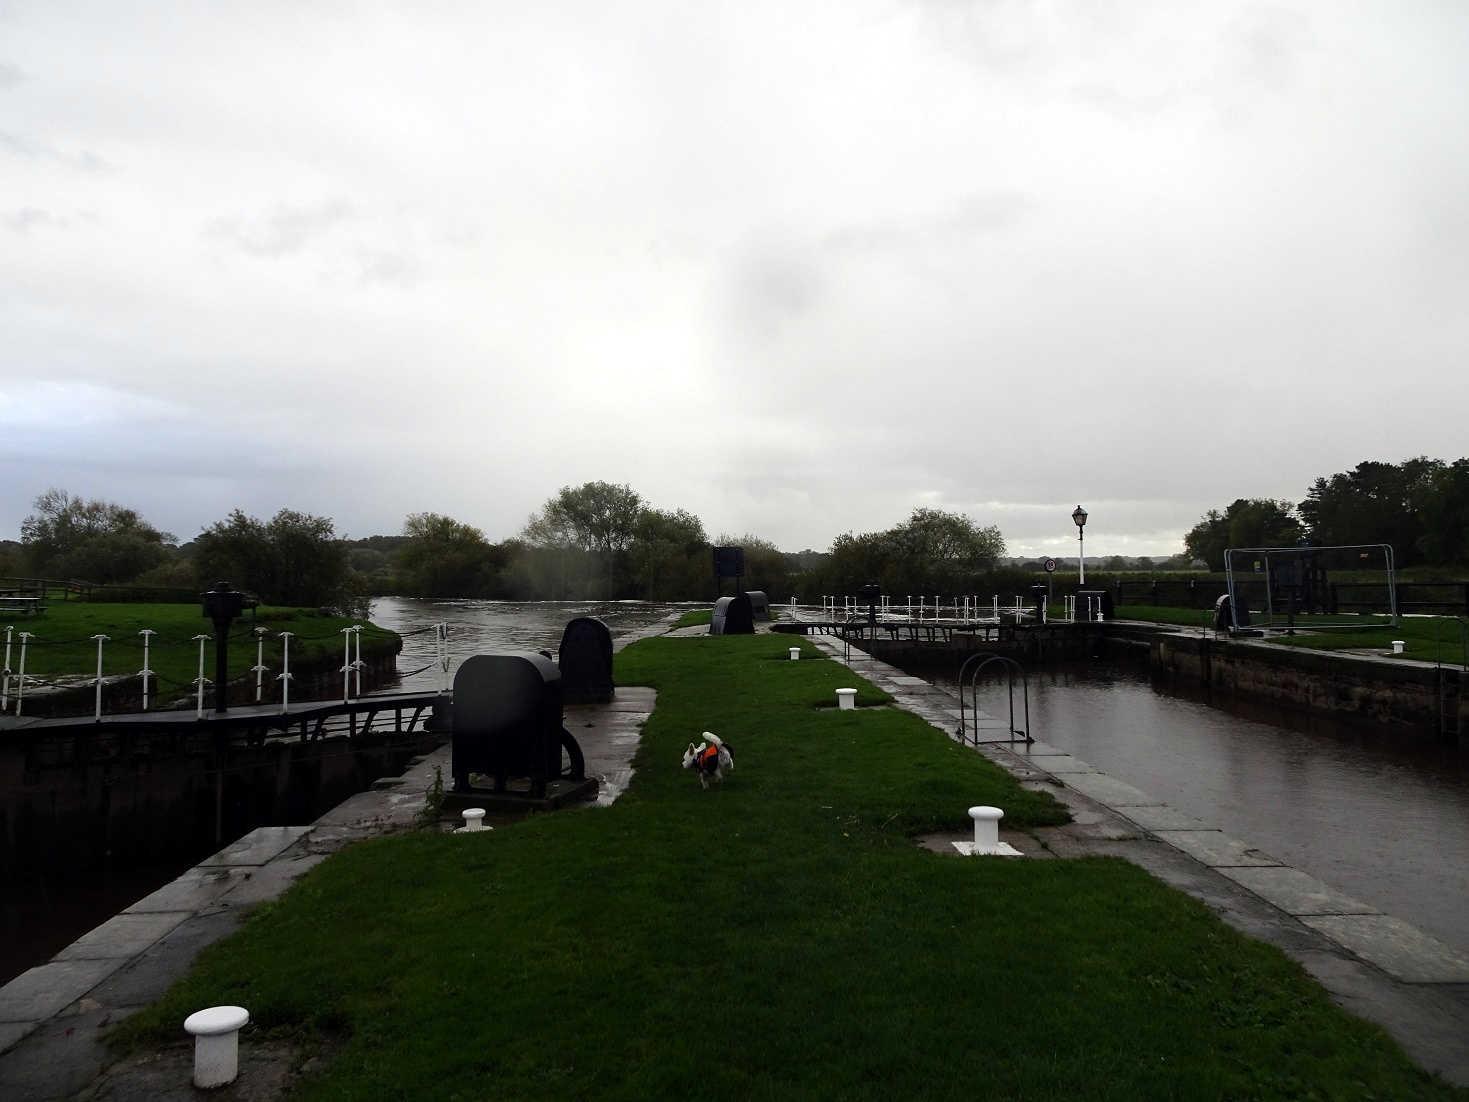 poppysocks at Nayburn Lock